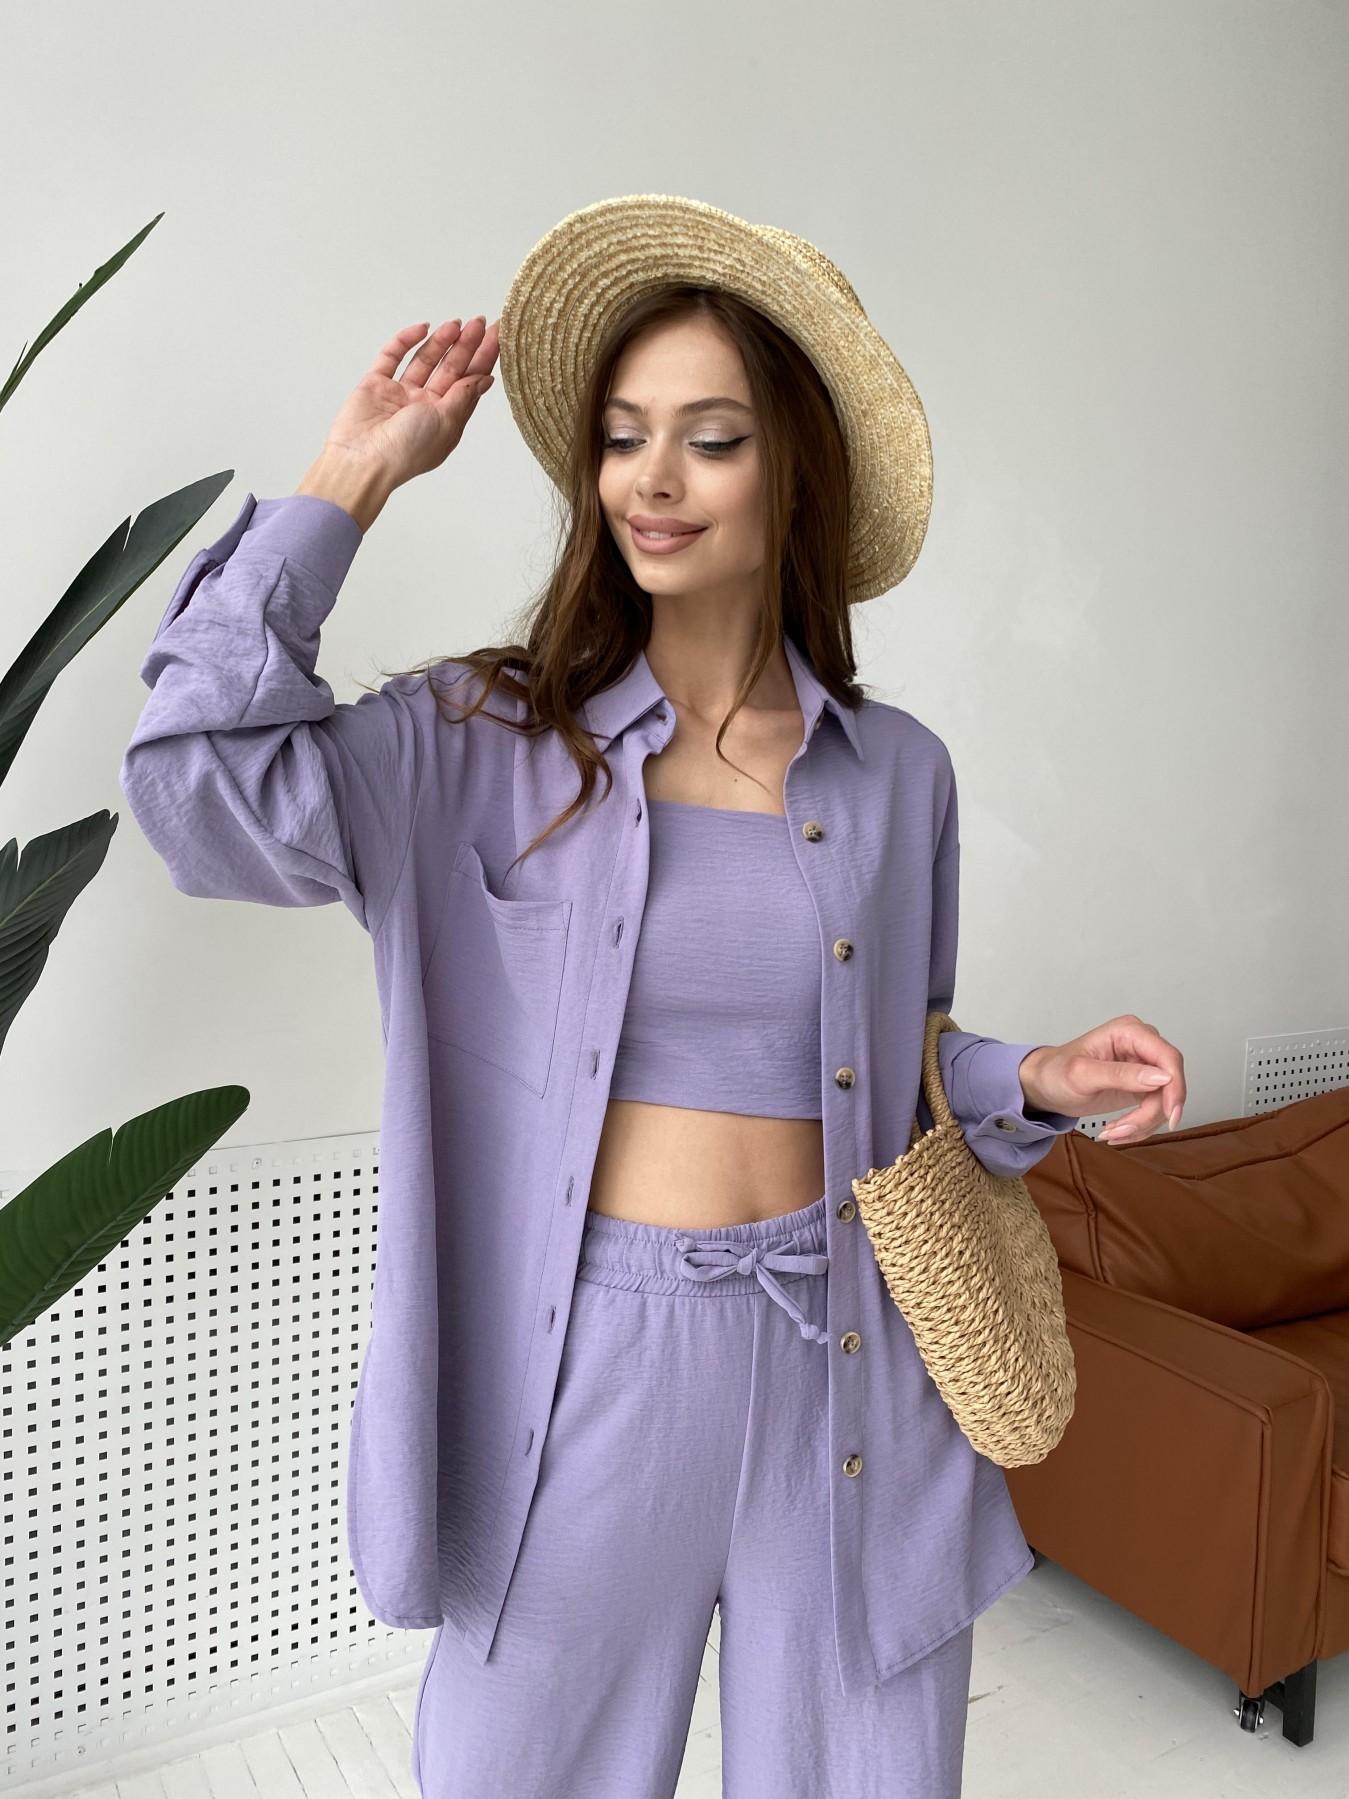 Квадро костюм американский из ткани креп (4 ед) 11303 АРТ. 47944 Цвет: Лаванда 2 - фото 7, интернет магазин tm-modus.ru